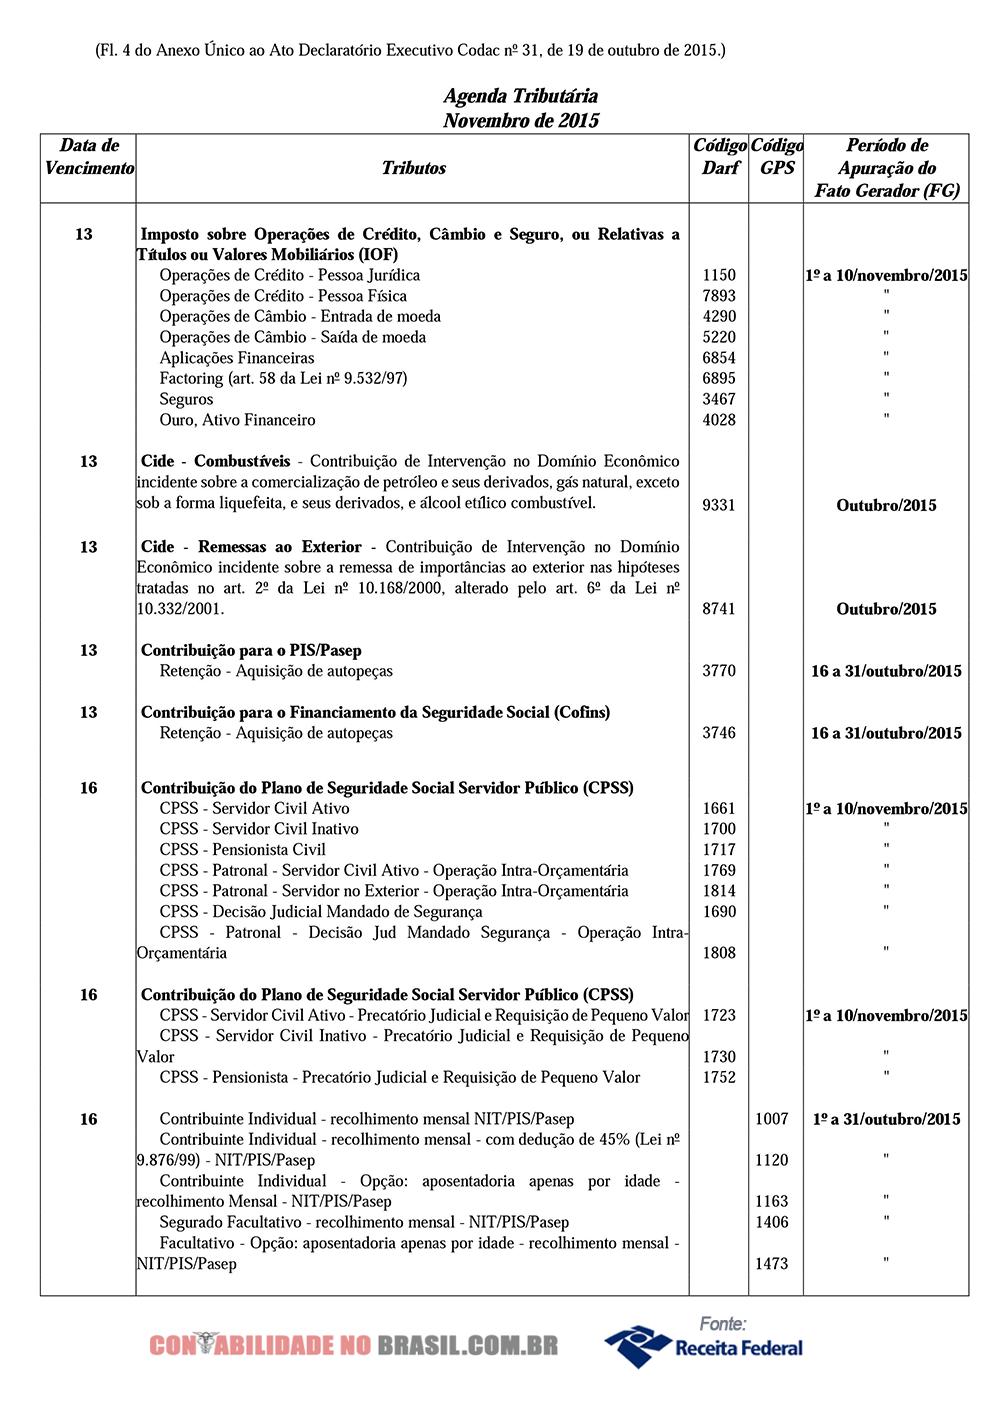 agenda tributaria novembro de 2015 04